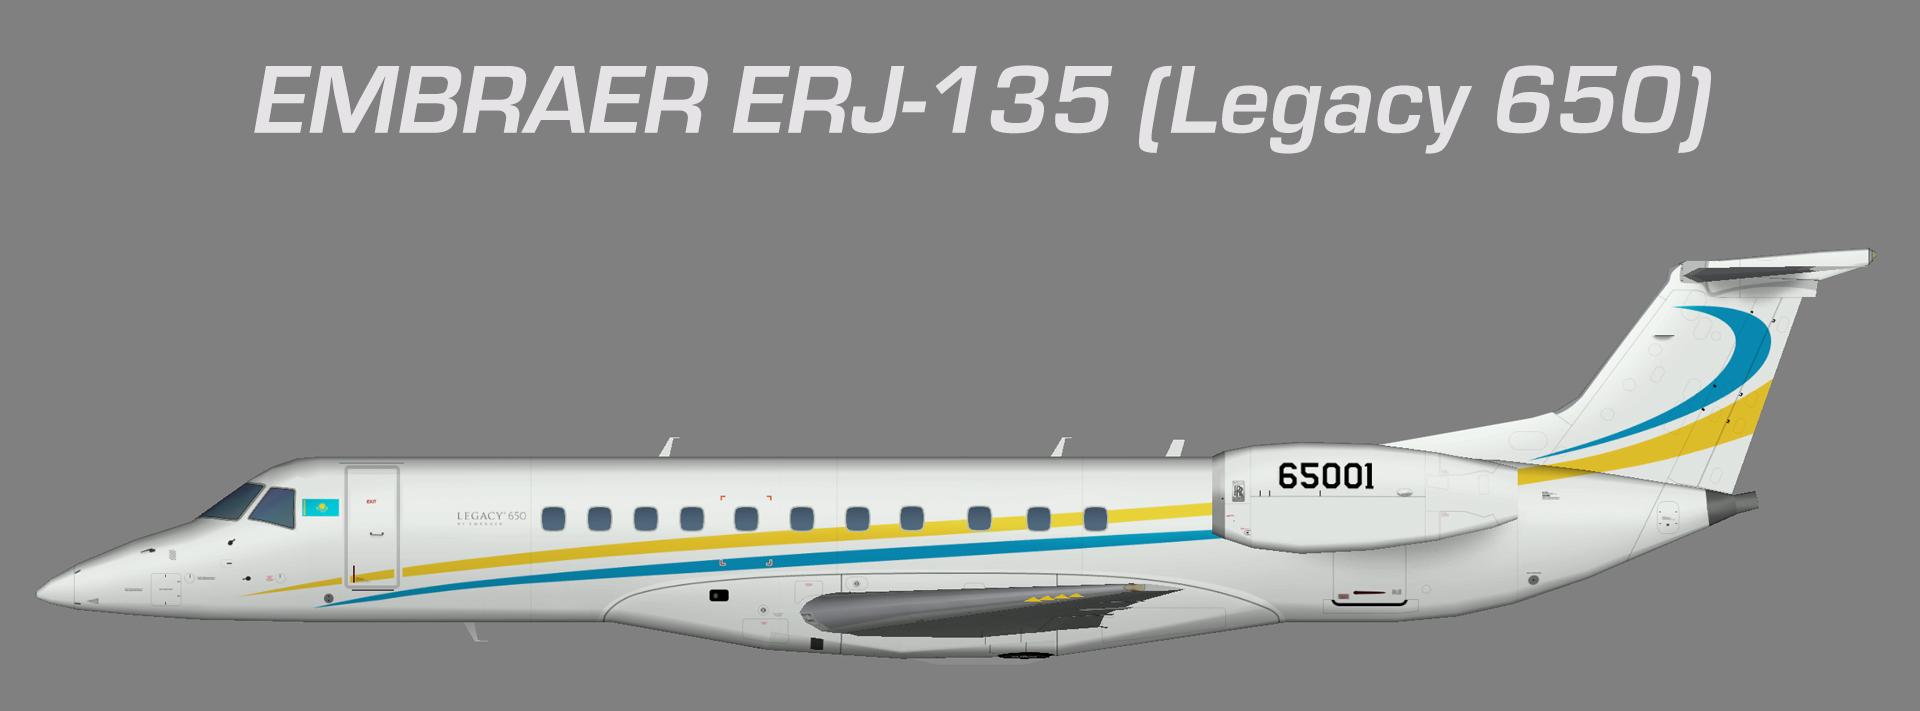 Kazakhstan National Guard Embraer ERJ-135 (Legacy 650)